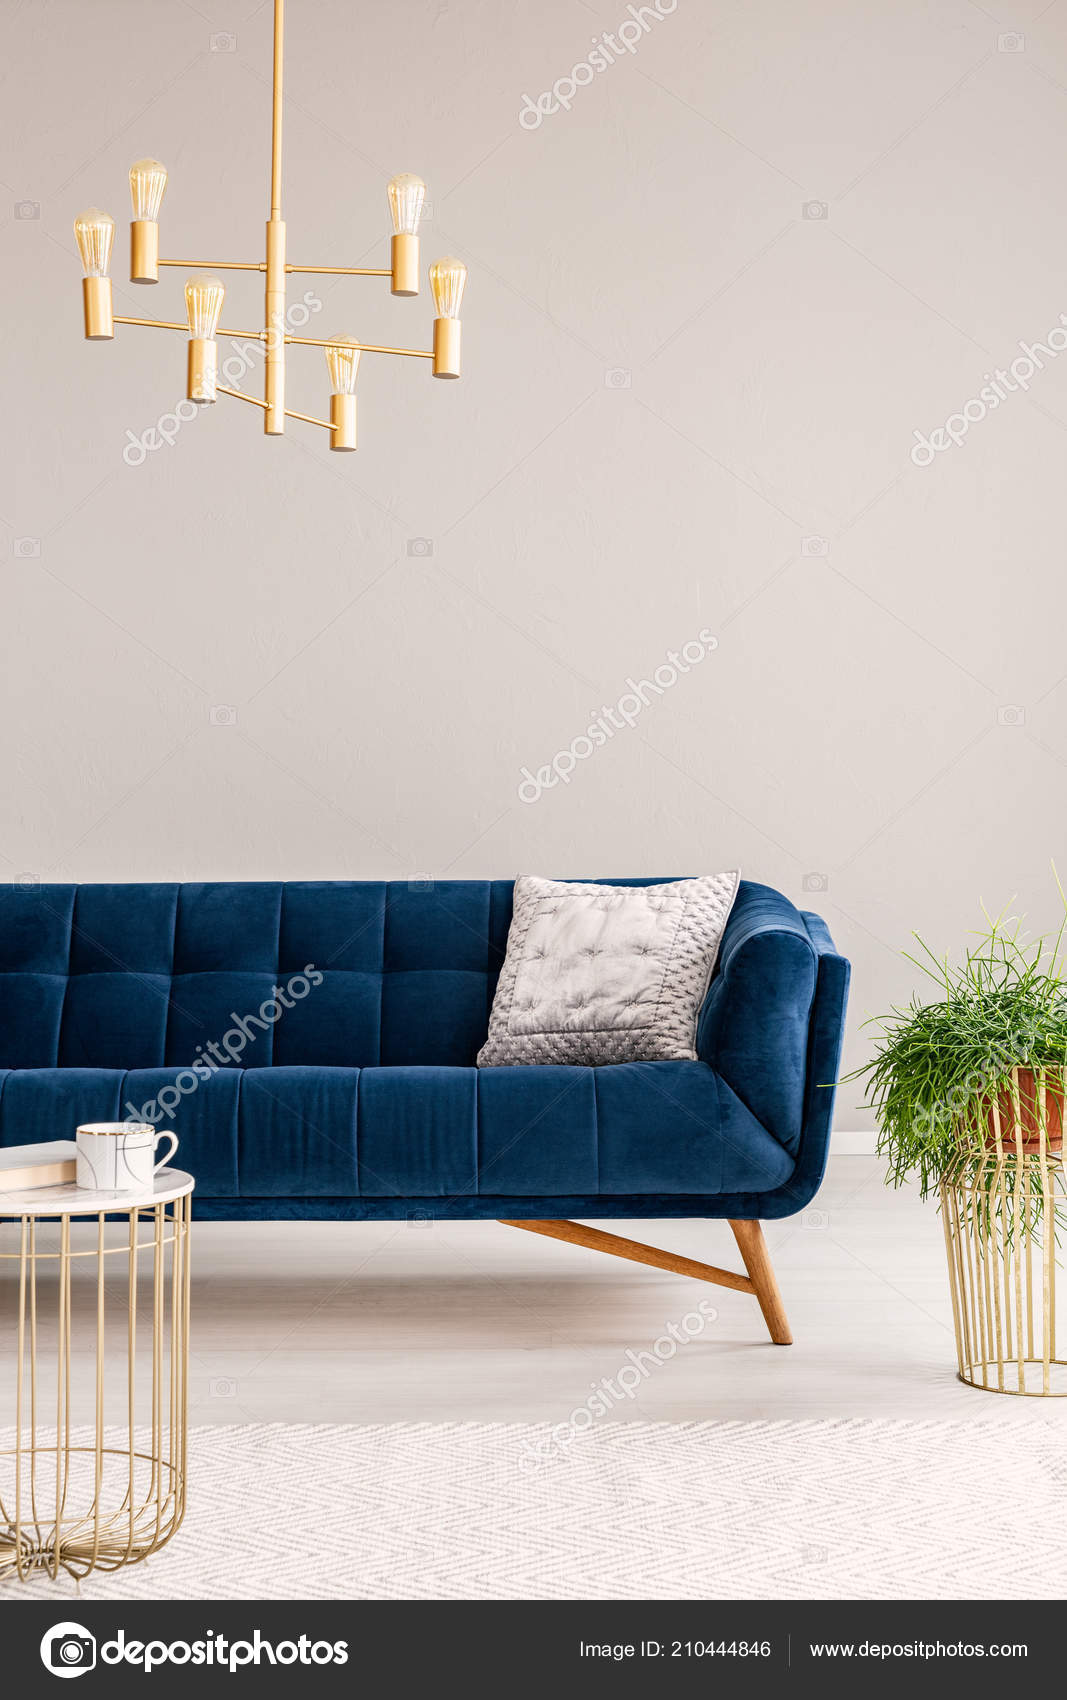 photo réelle lustre doré dans intérieur salon avec canapé coussin